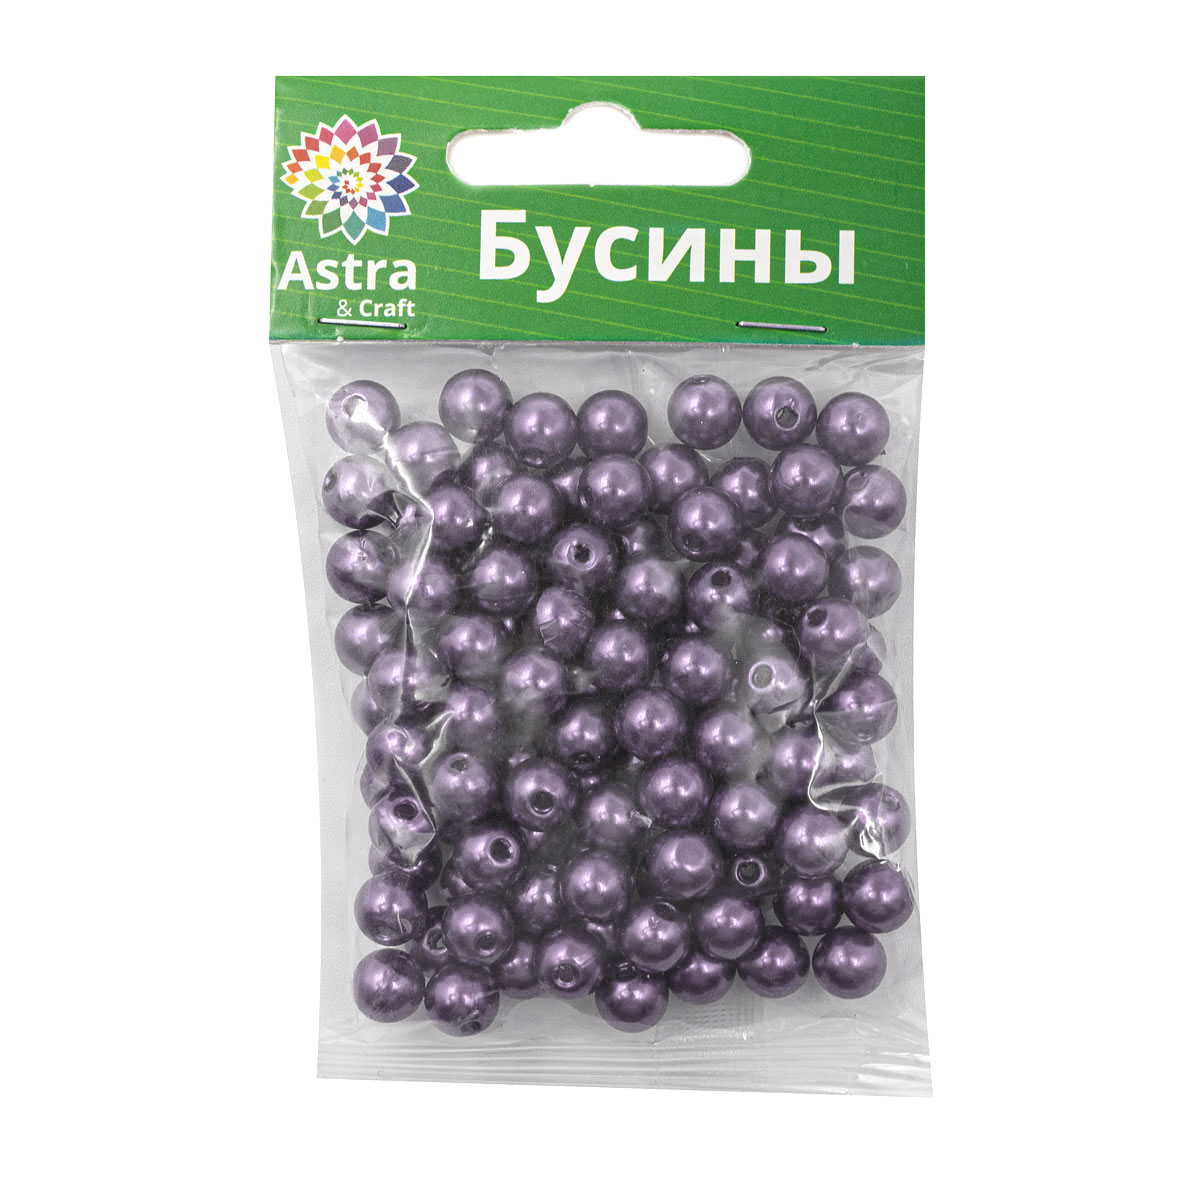 Бусы круглые, пластик, 8 мм, упак./25 гр., 'Астра'